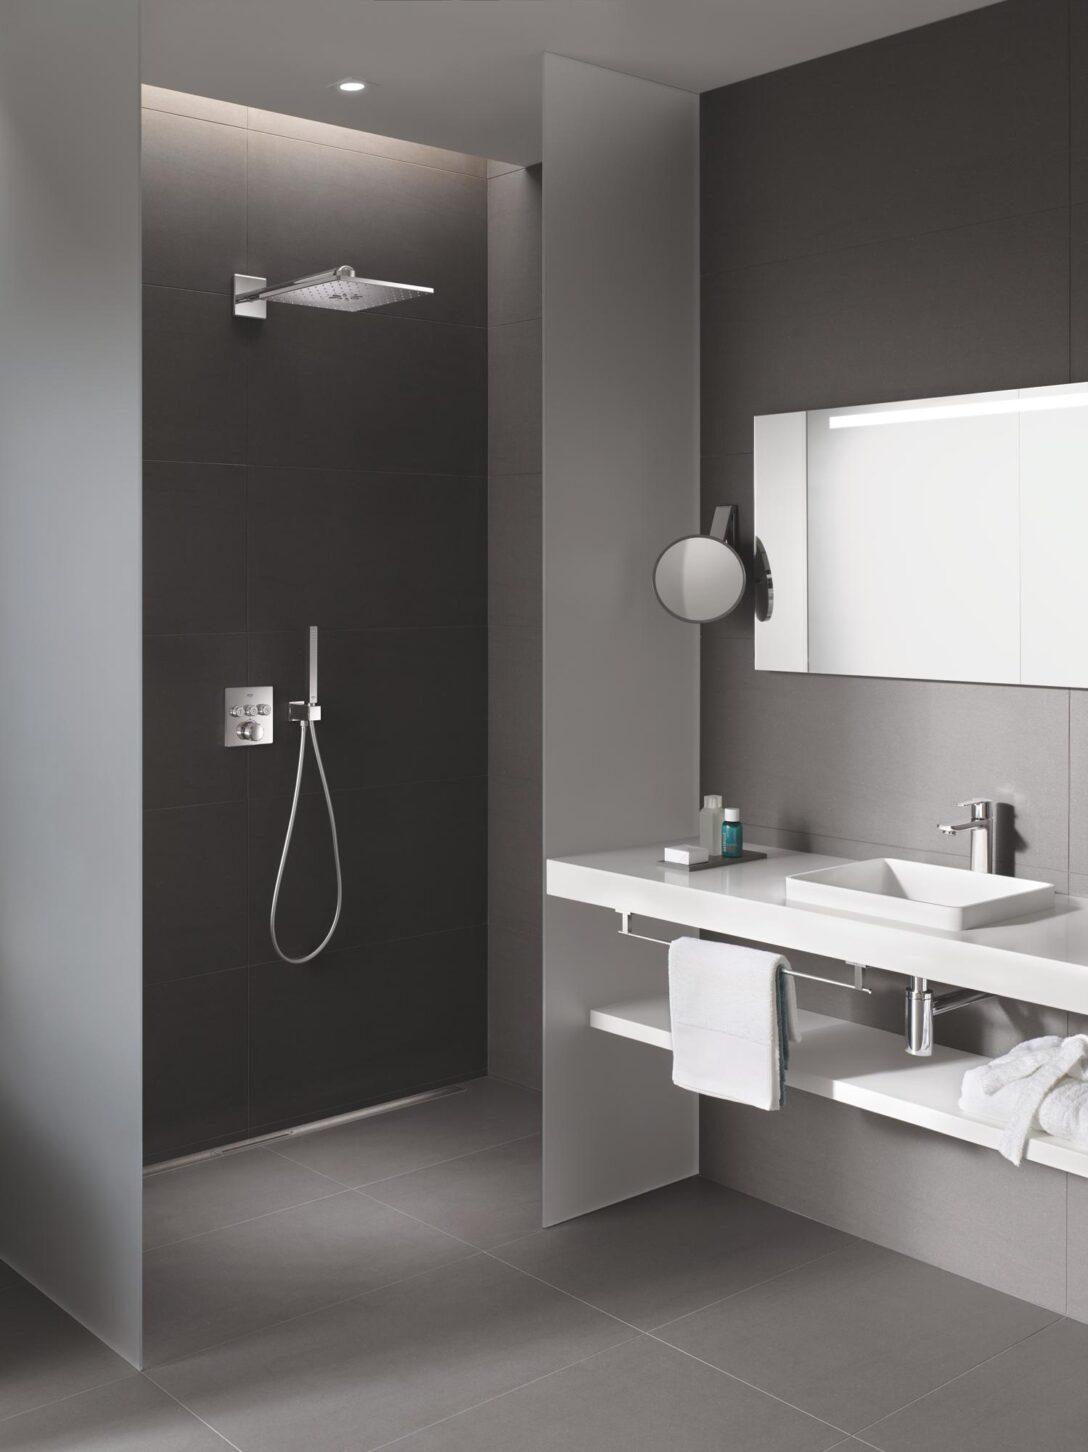 Large Size of Grohe Smartcontrol Duschsystem Unterputz Mit Rainshower 310 Walk In Dusche Badewanne Duschen Kaufen Bidet Armatur Bodengleiche Schulte Werksverkauf Glastür Dusche Rainshower Dusche